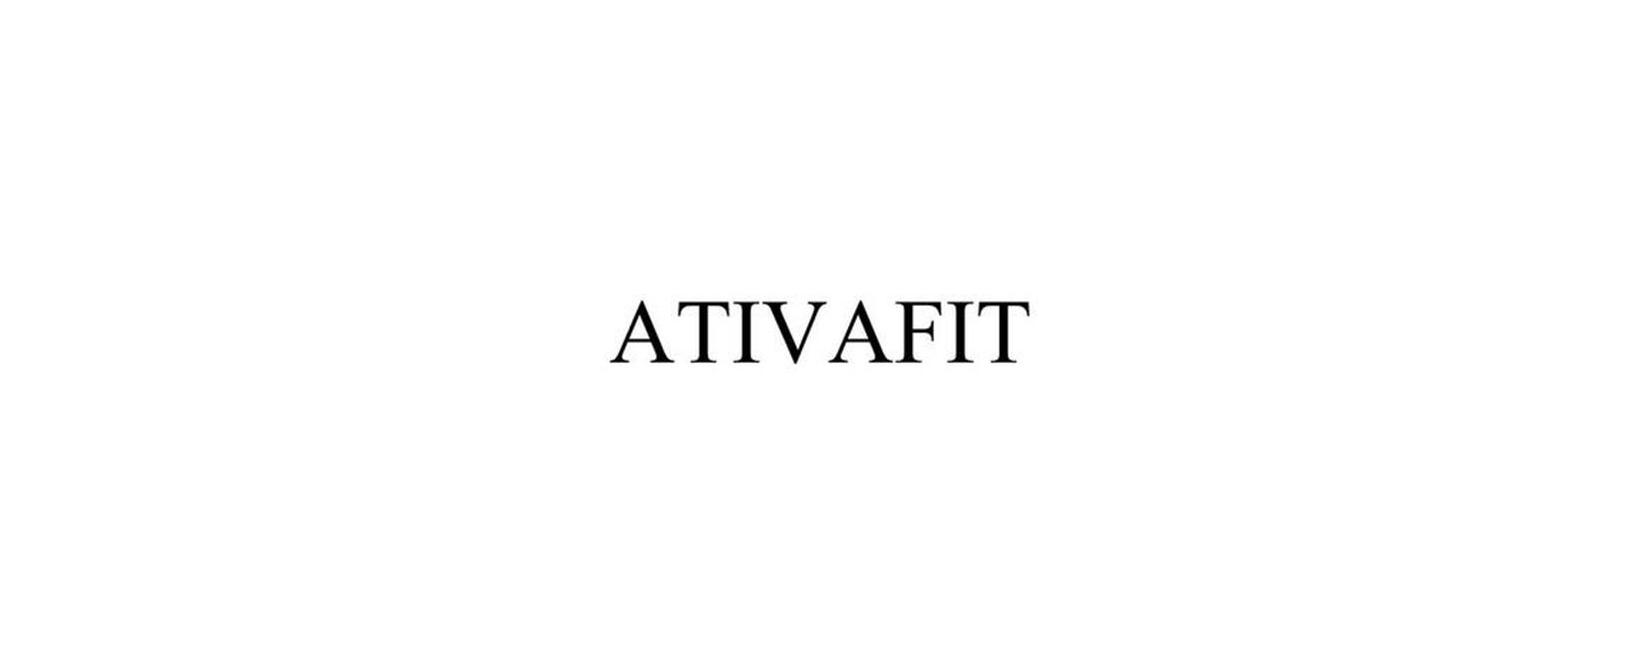 Ativafit Discount Code 2021